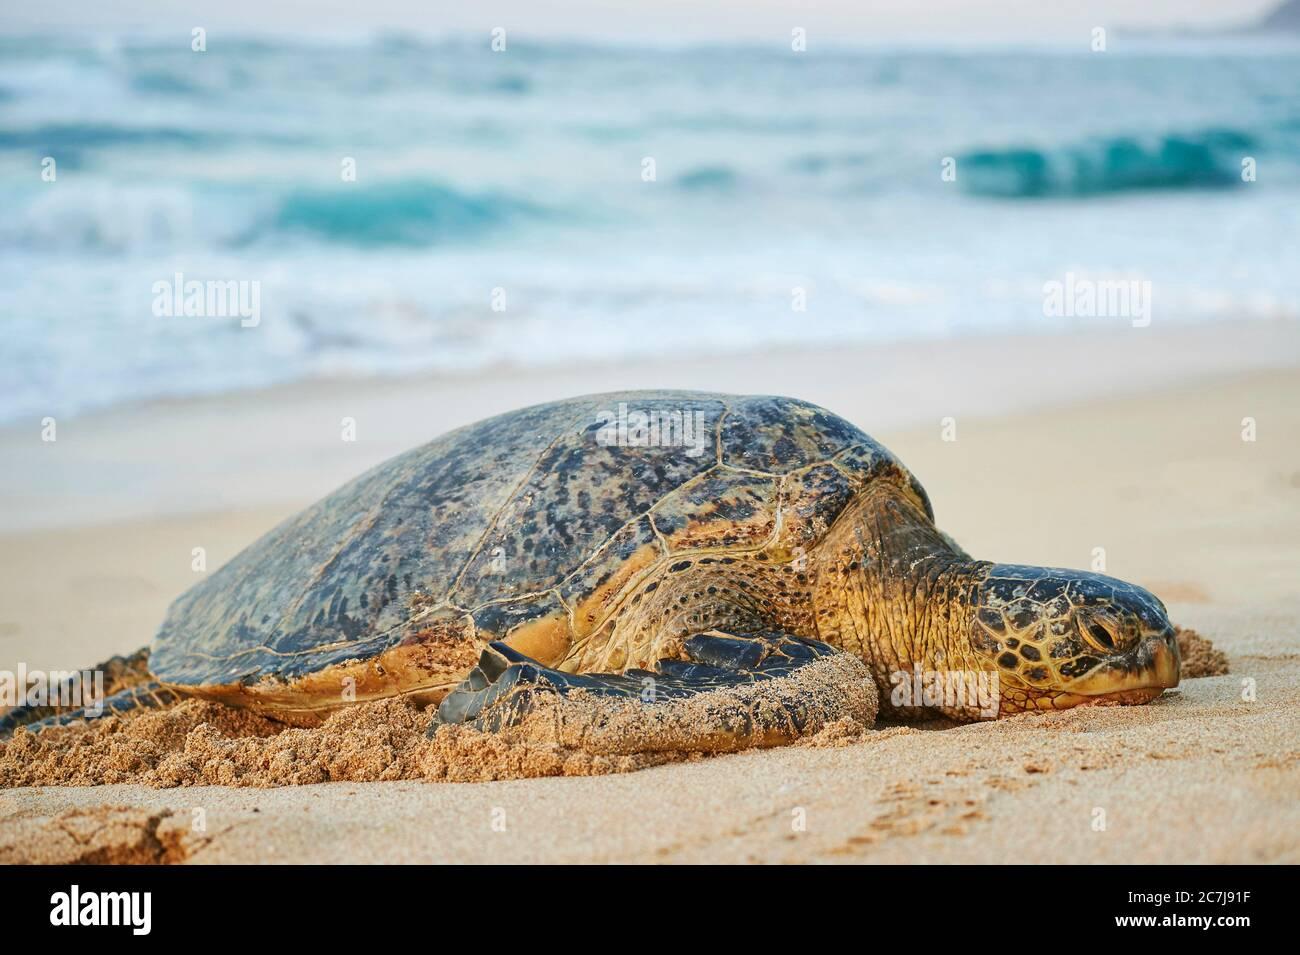 Tortuga verde, tortuga de roca, tortuga de carne (Chelonia mydas), tumbado en la playa, Estados Unidos, Hawaii, Oahu, Laniakea Beach Foto de stock